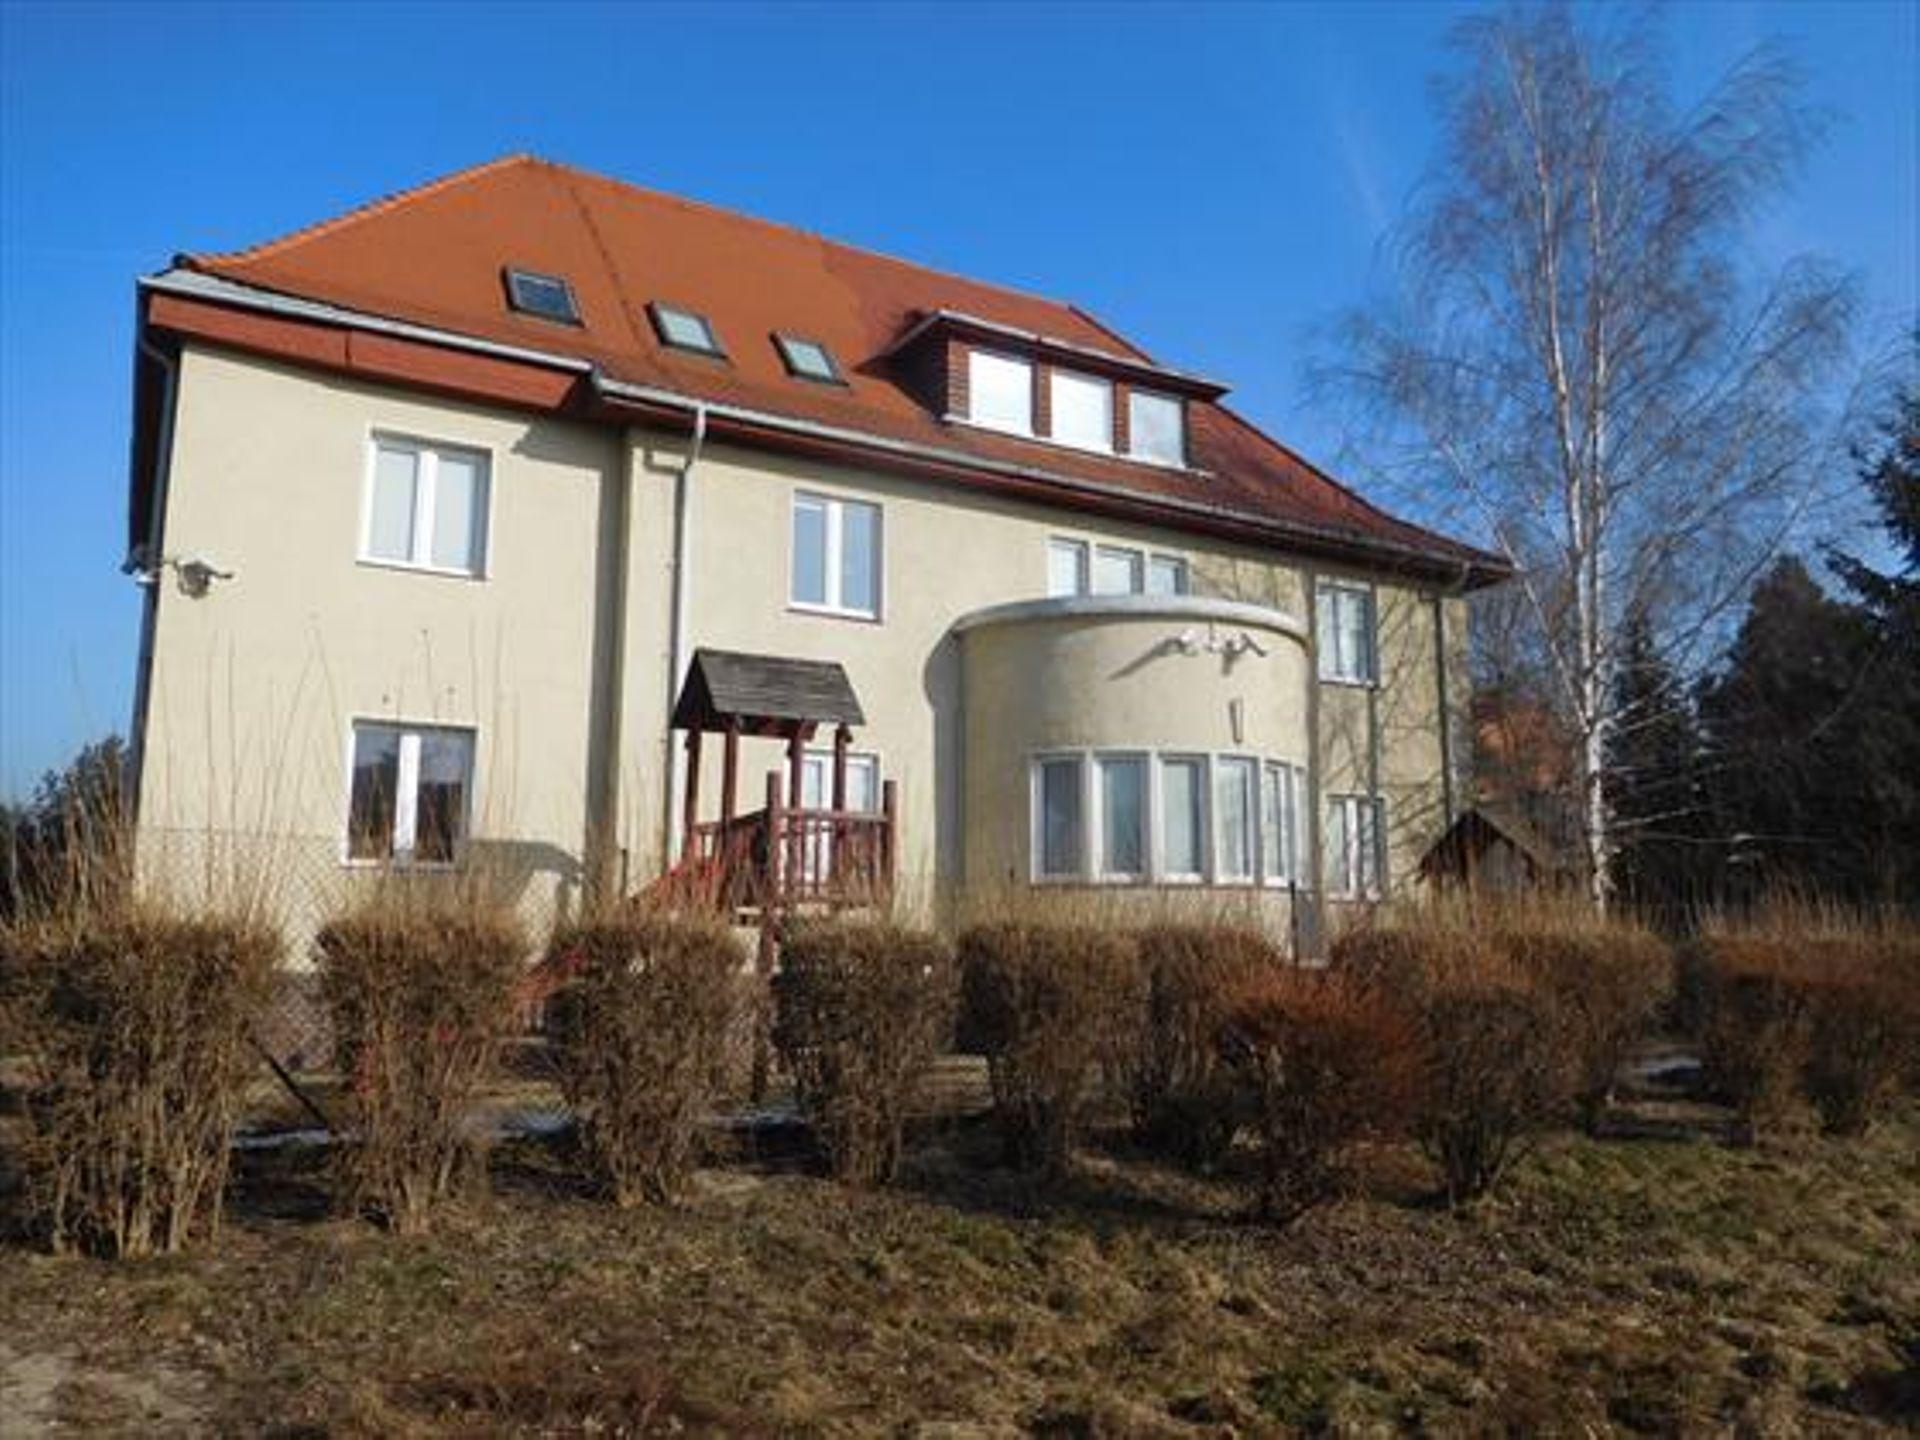 Wrocław: Miasto sprzedało zabytkową willę. Fundacja ją wyremontuje